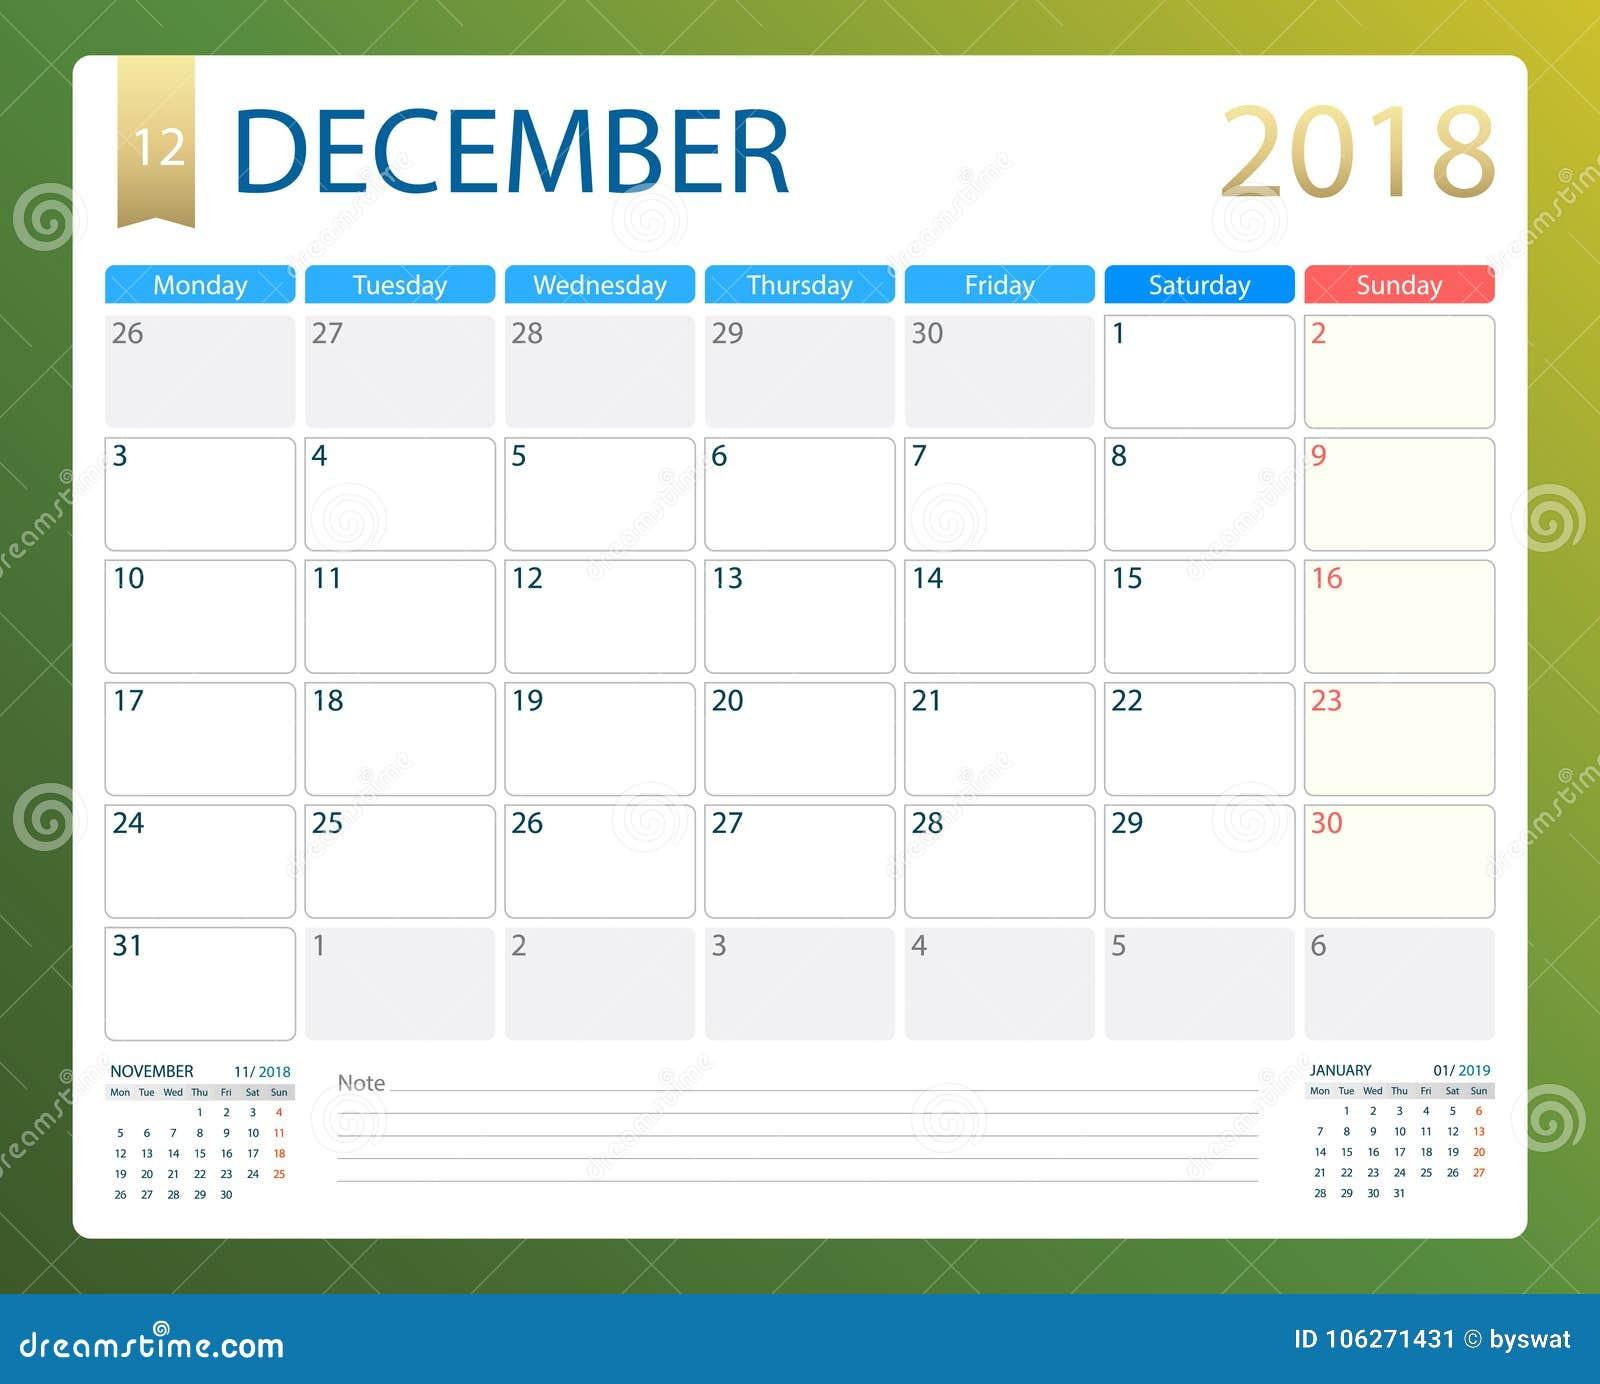 Calendario Diciembre 2018 Para Imprimir.En Diciembre De 2018 El Calendario O El Planificador Del